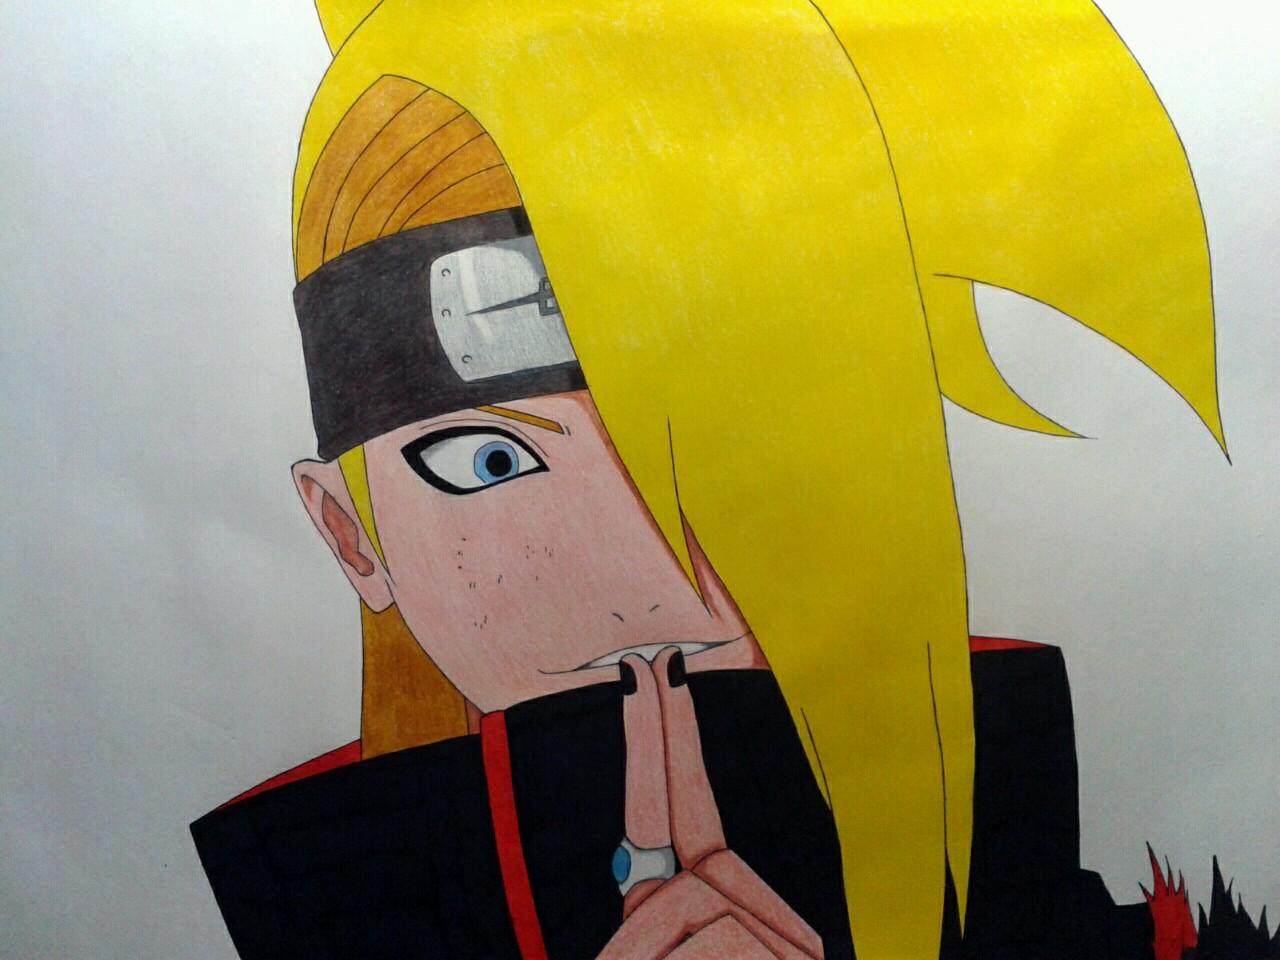 Naruto Shippuden season 1  Wikipedia